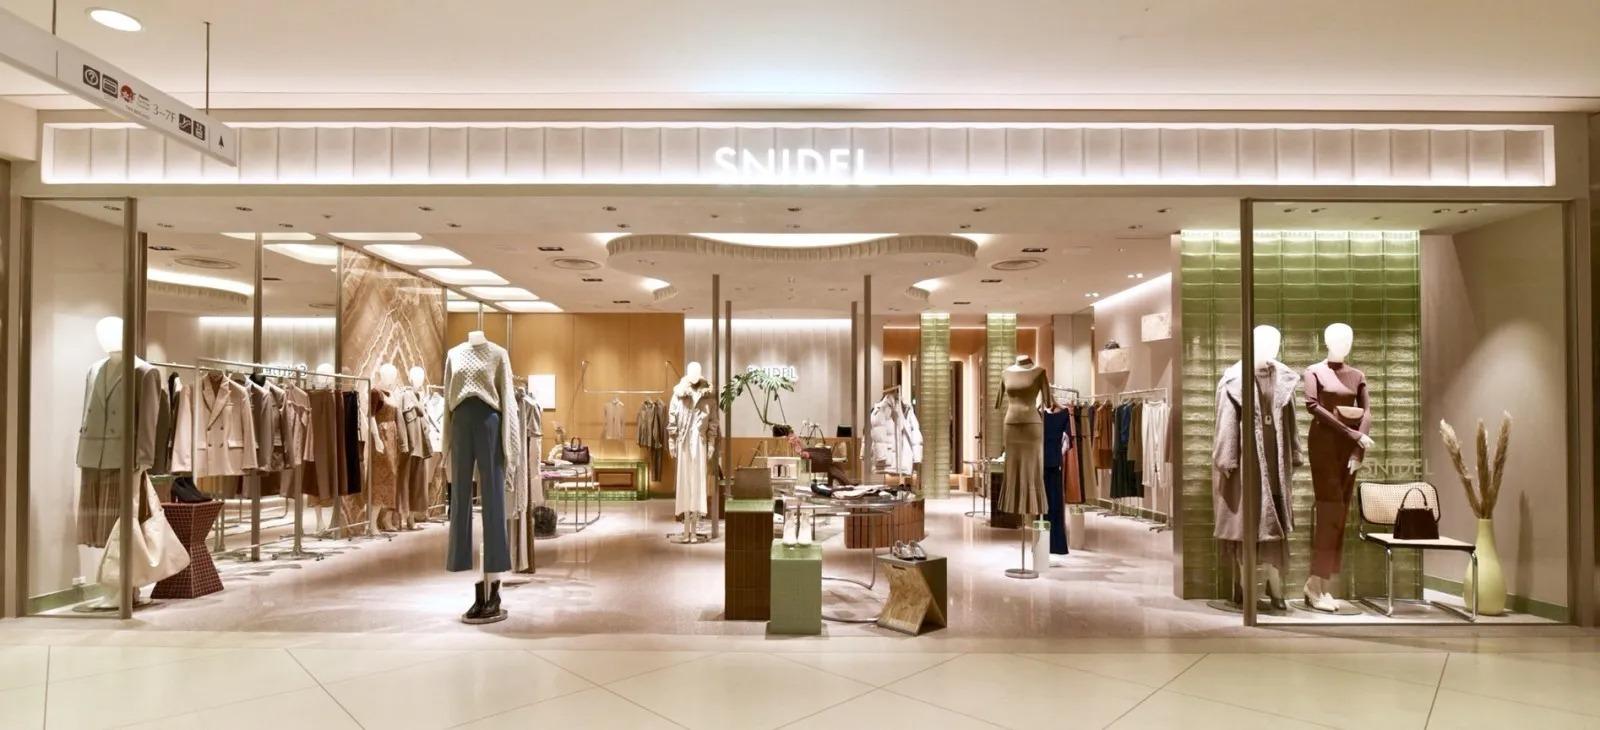 店舗自体の素材が80%以上サステナブル素材でできているスナイデルルミネ新宿店。